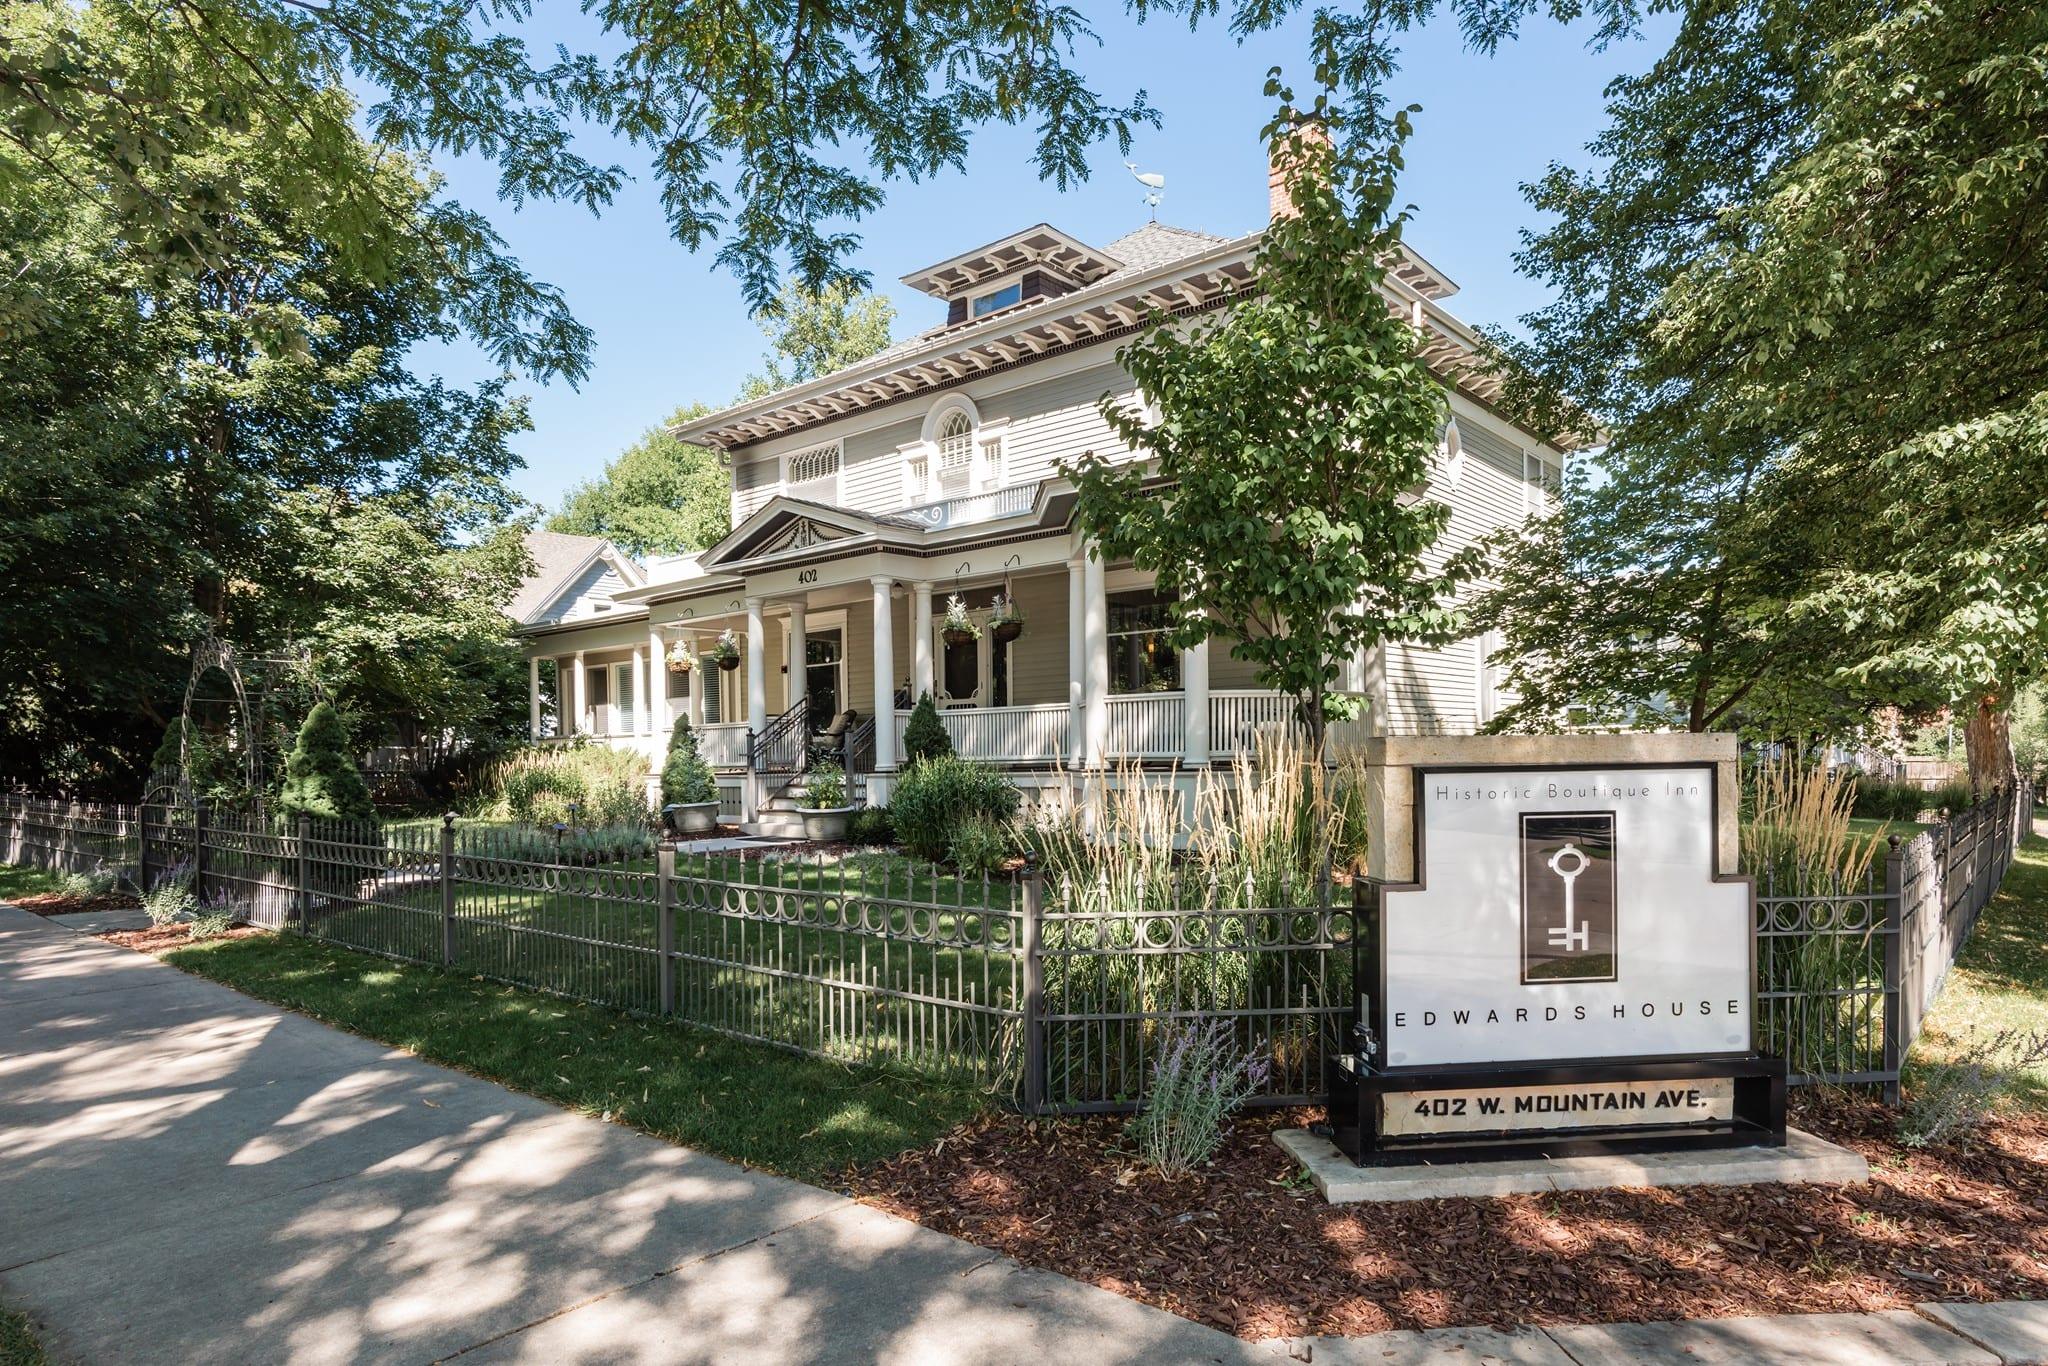 image of edwards house inn